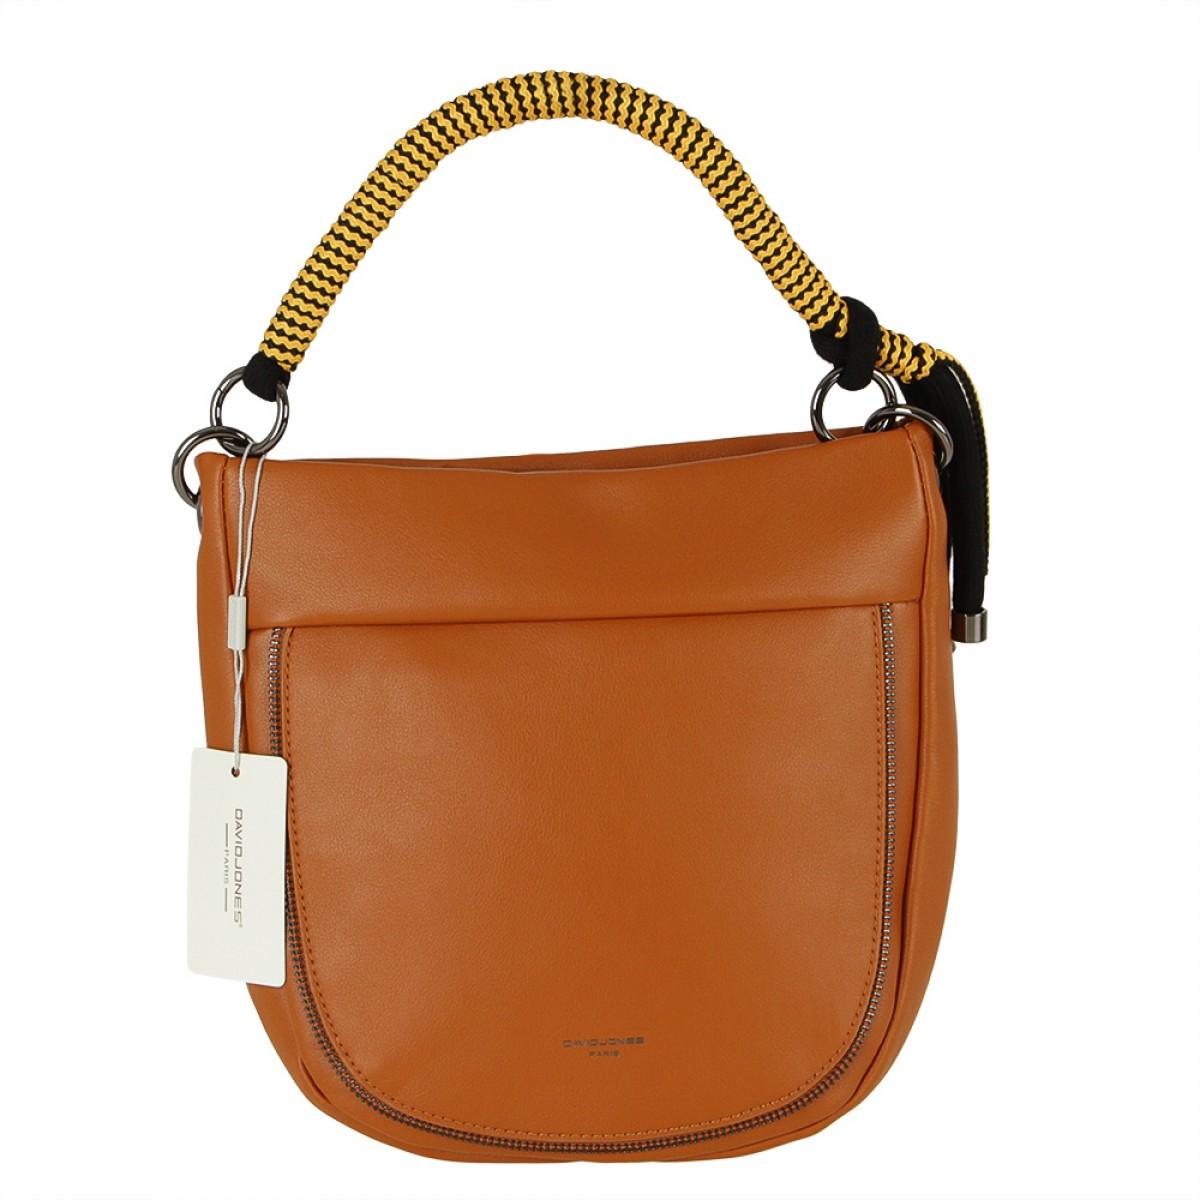 Жіноча сумка David Jones CM5736 COGNAC